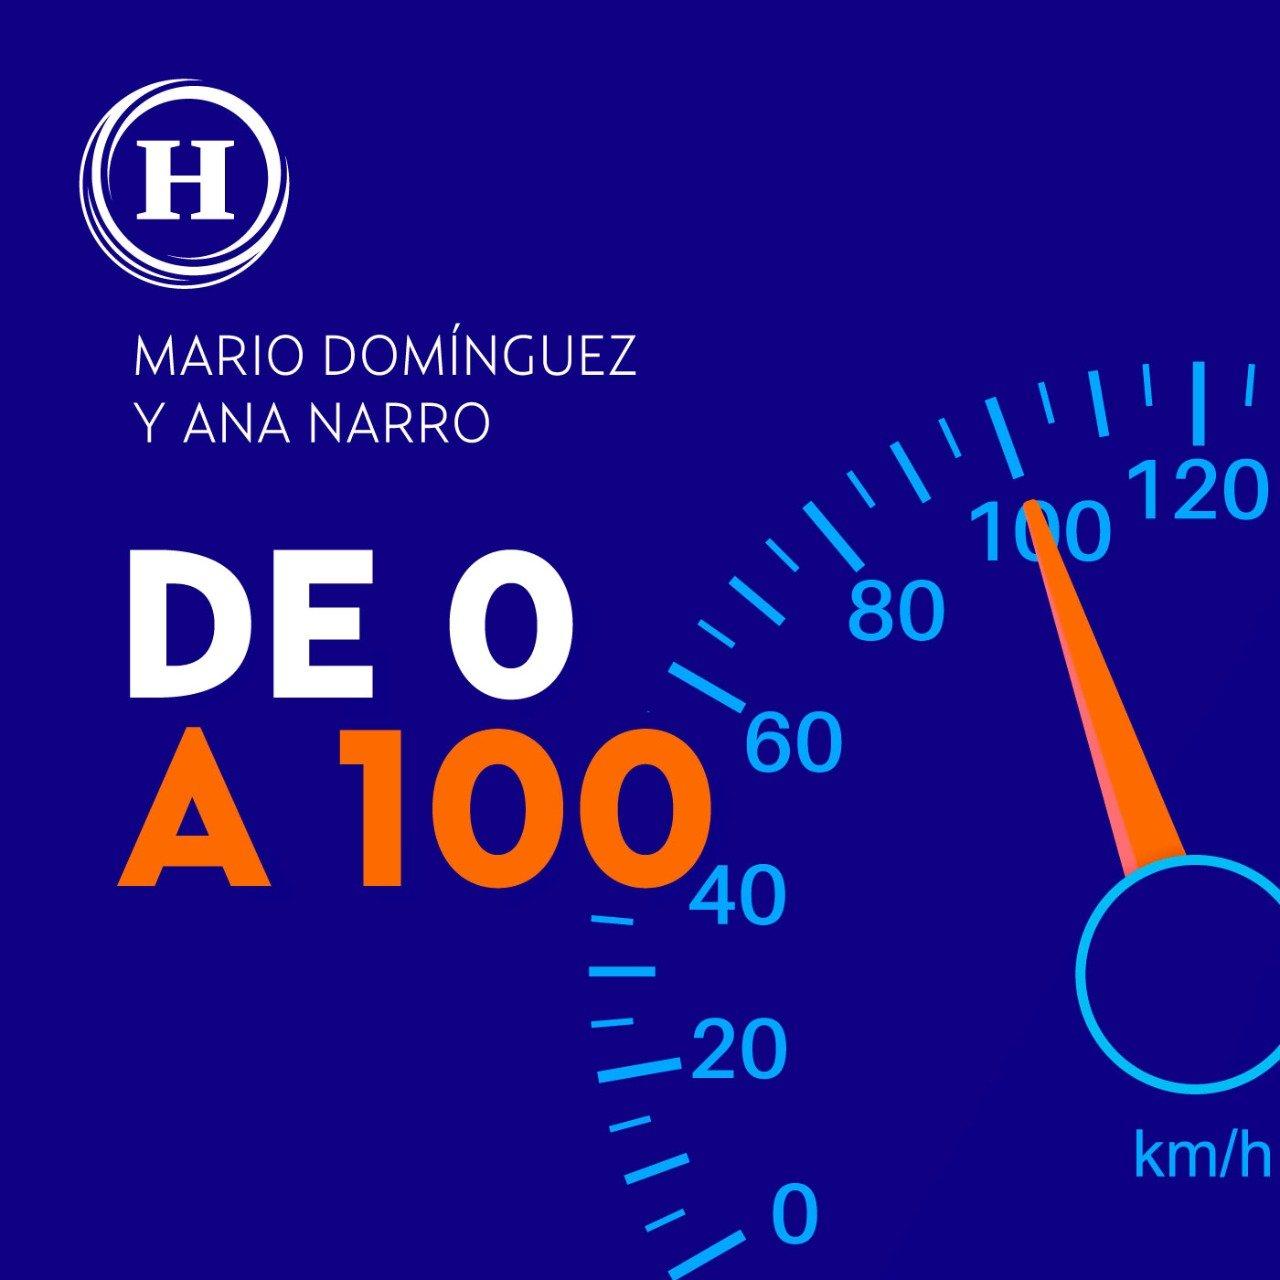 De Cero a 100